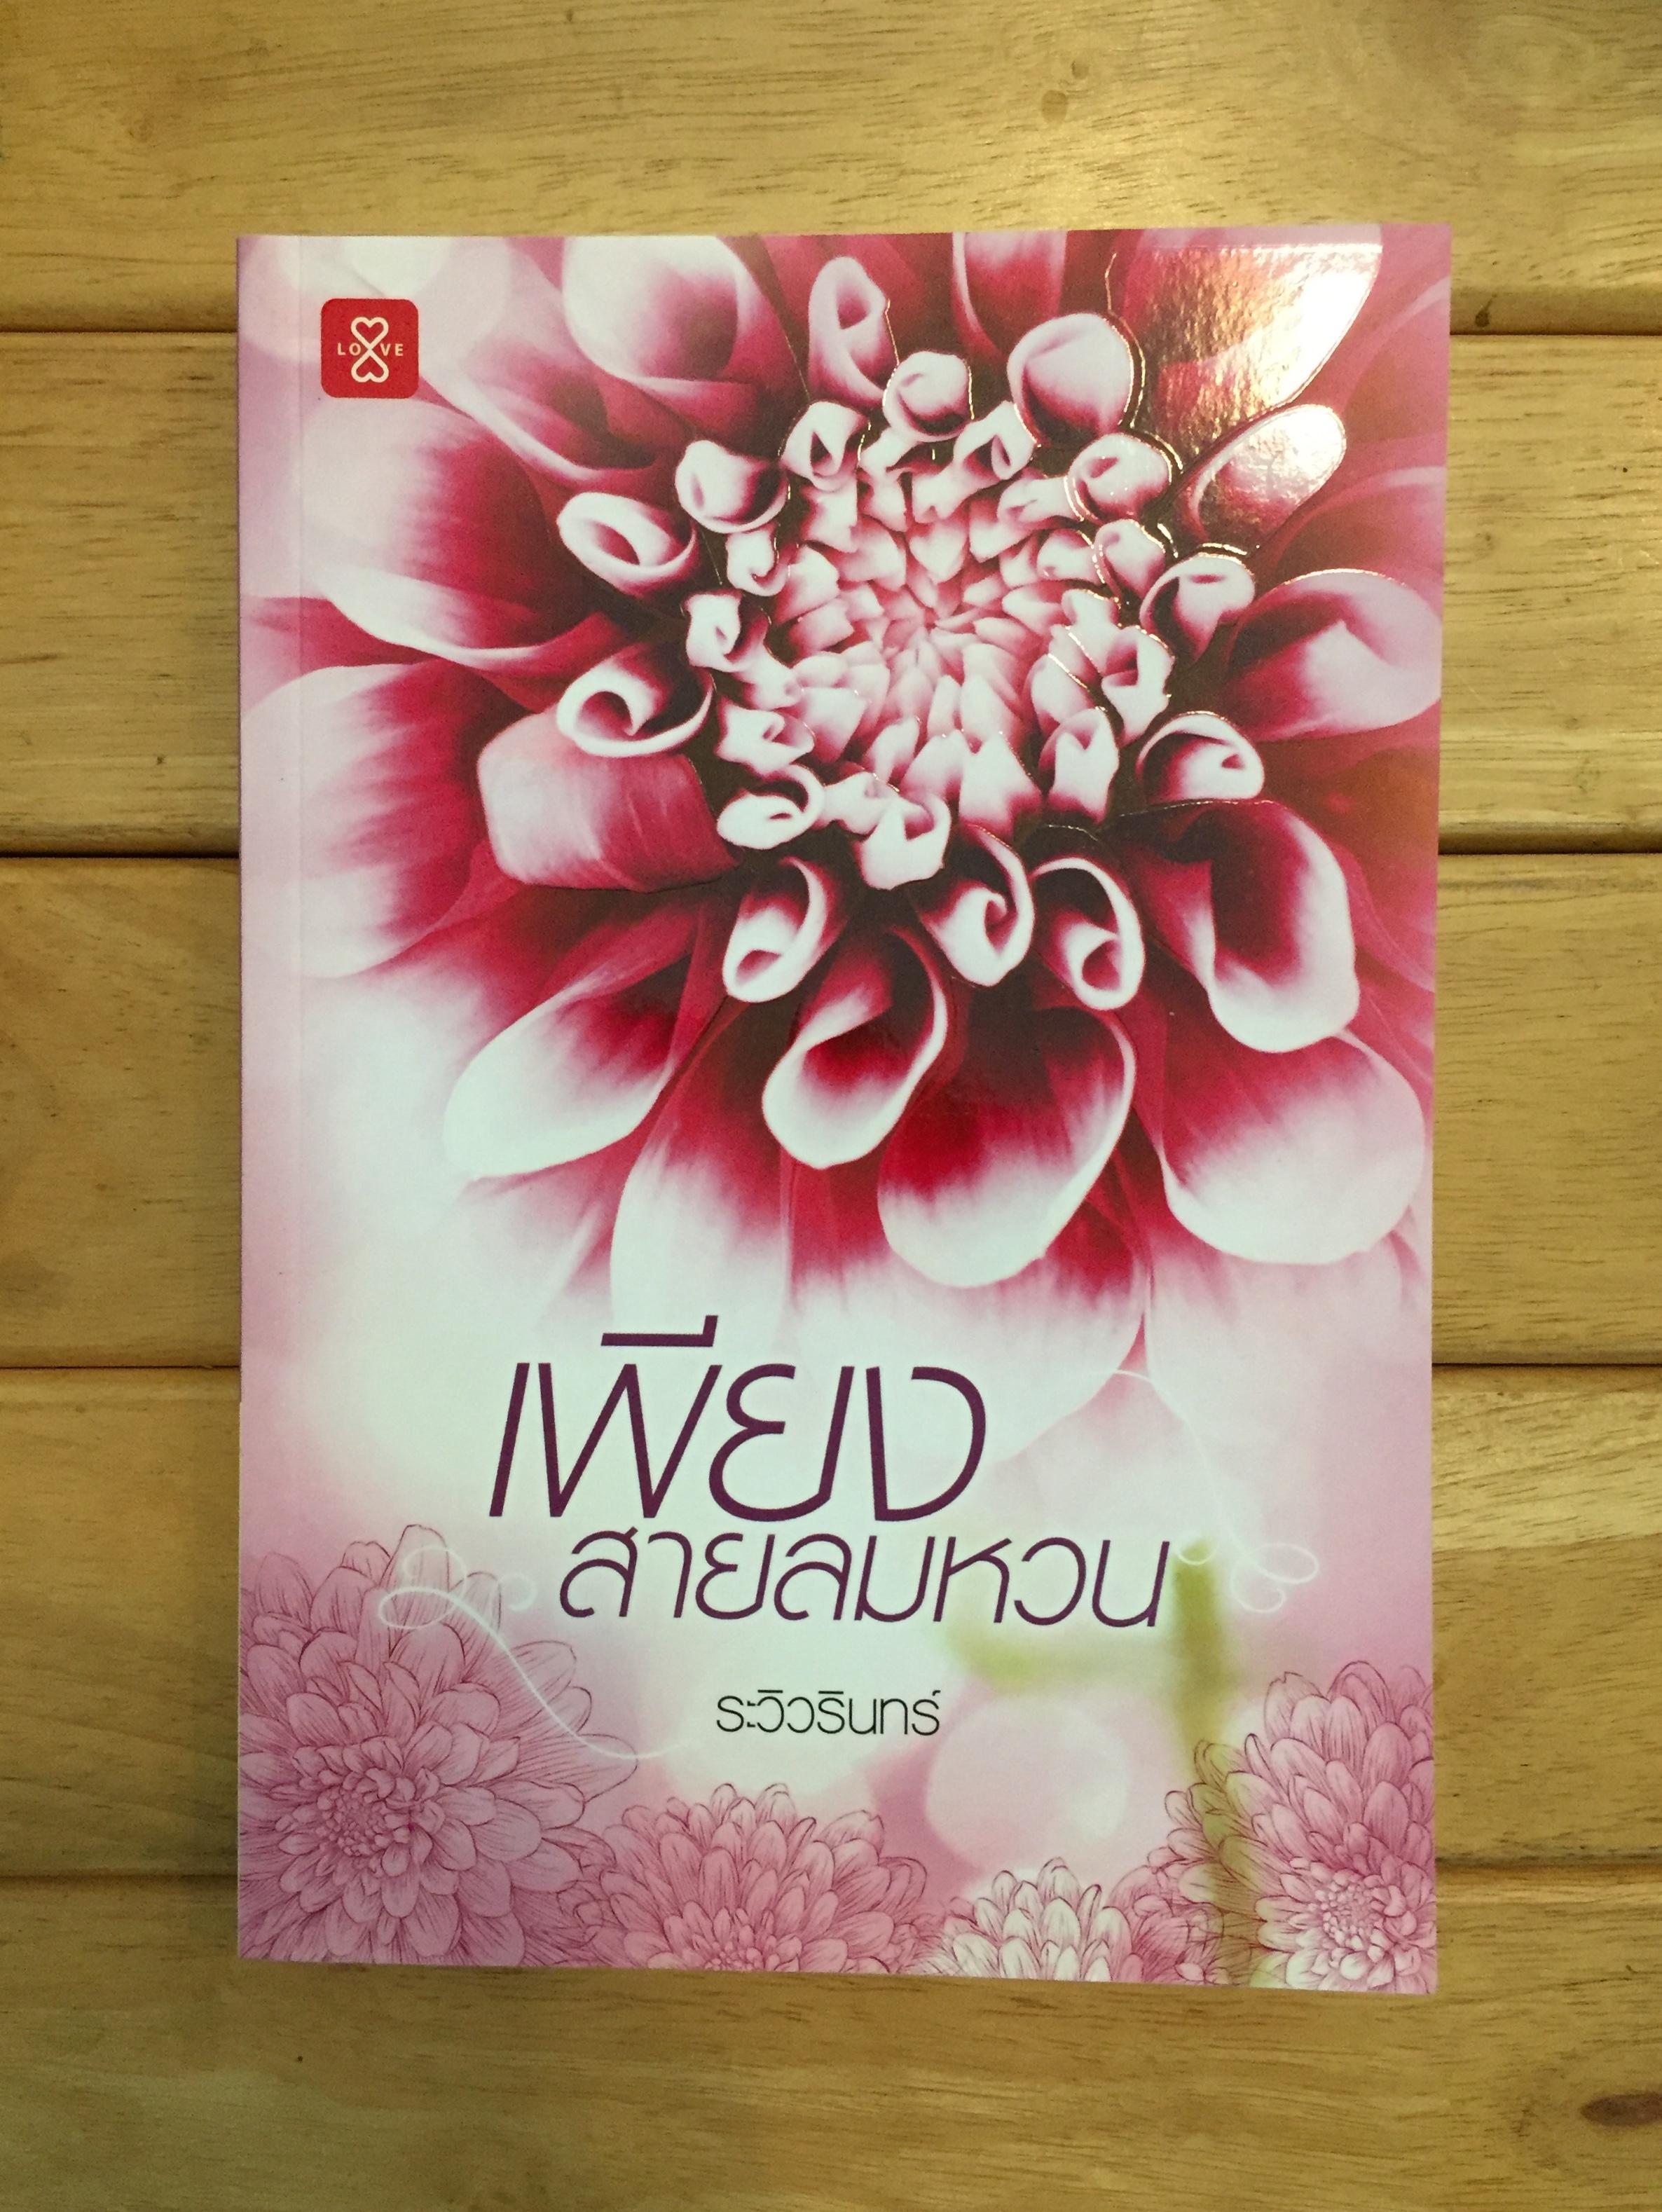 เพียงสายลมหวน - jellyvunjam หนังสือมือสอง หนังสือเก่า สภาพดี : Inspired by  LnwShop.com